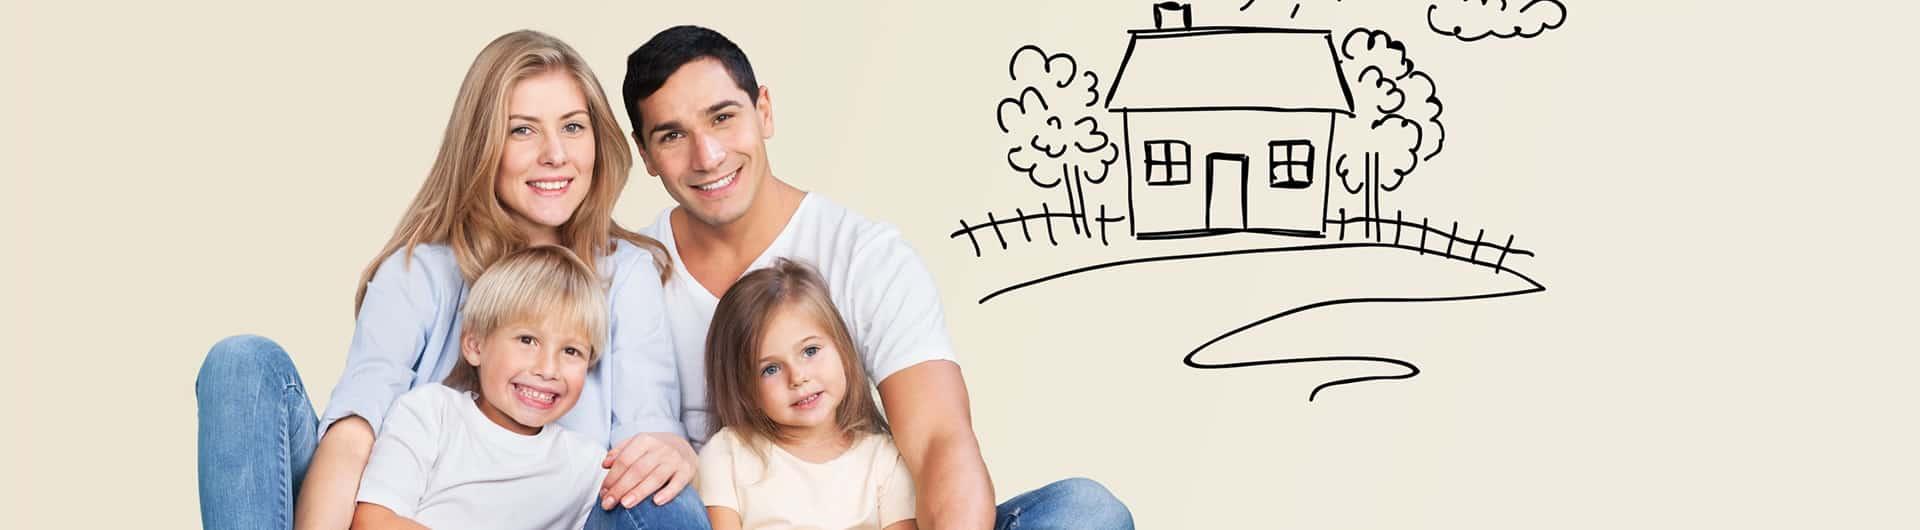 Haus richtig versichern - Ihr Haus Versicherungspaket